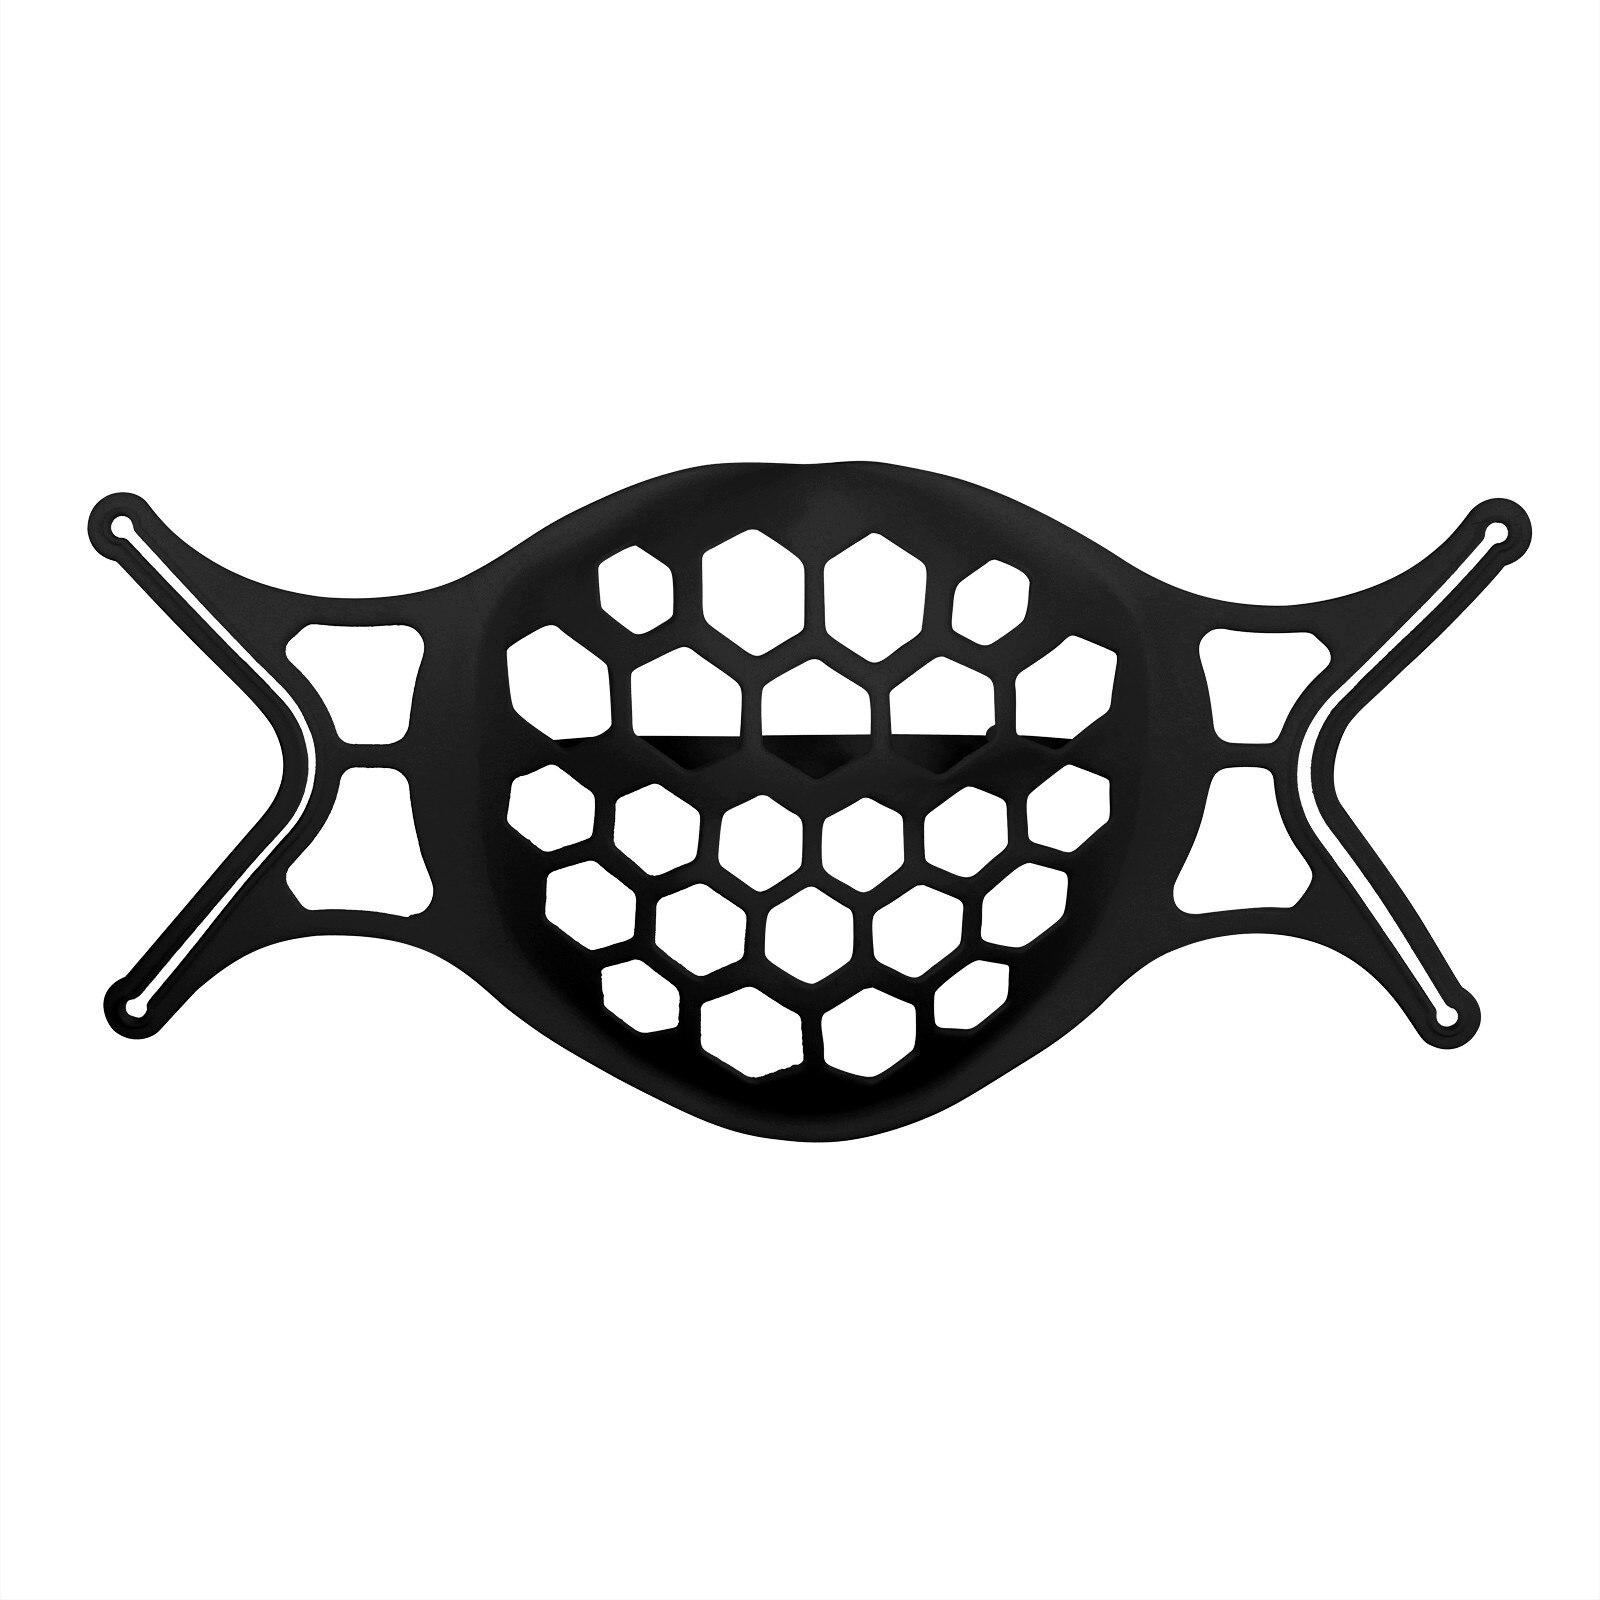 Noir 3D bouche masque Support Silicone masques de visage supports masque Support intérieur cadre anti-poussière housse de protection Support